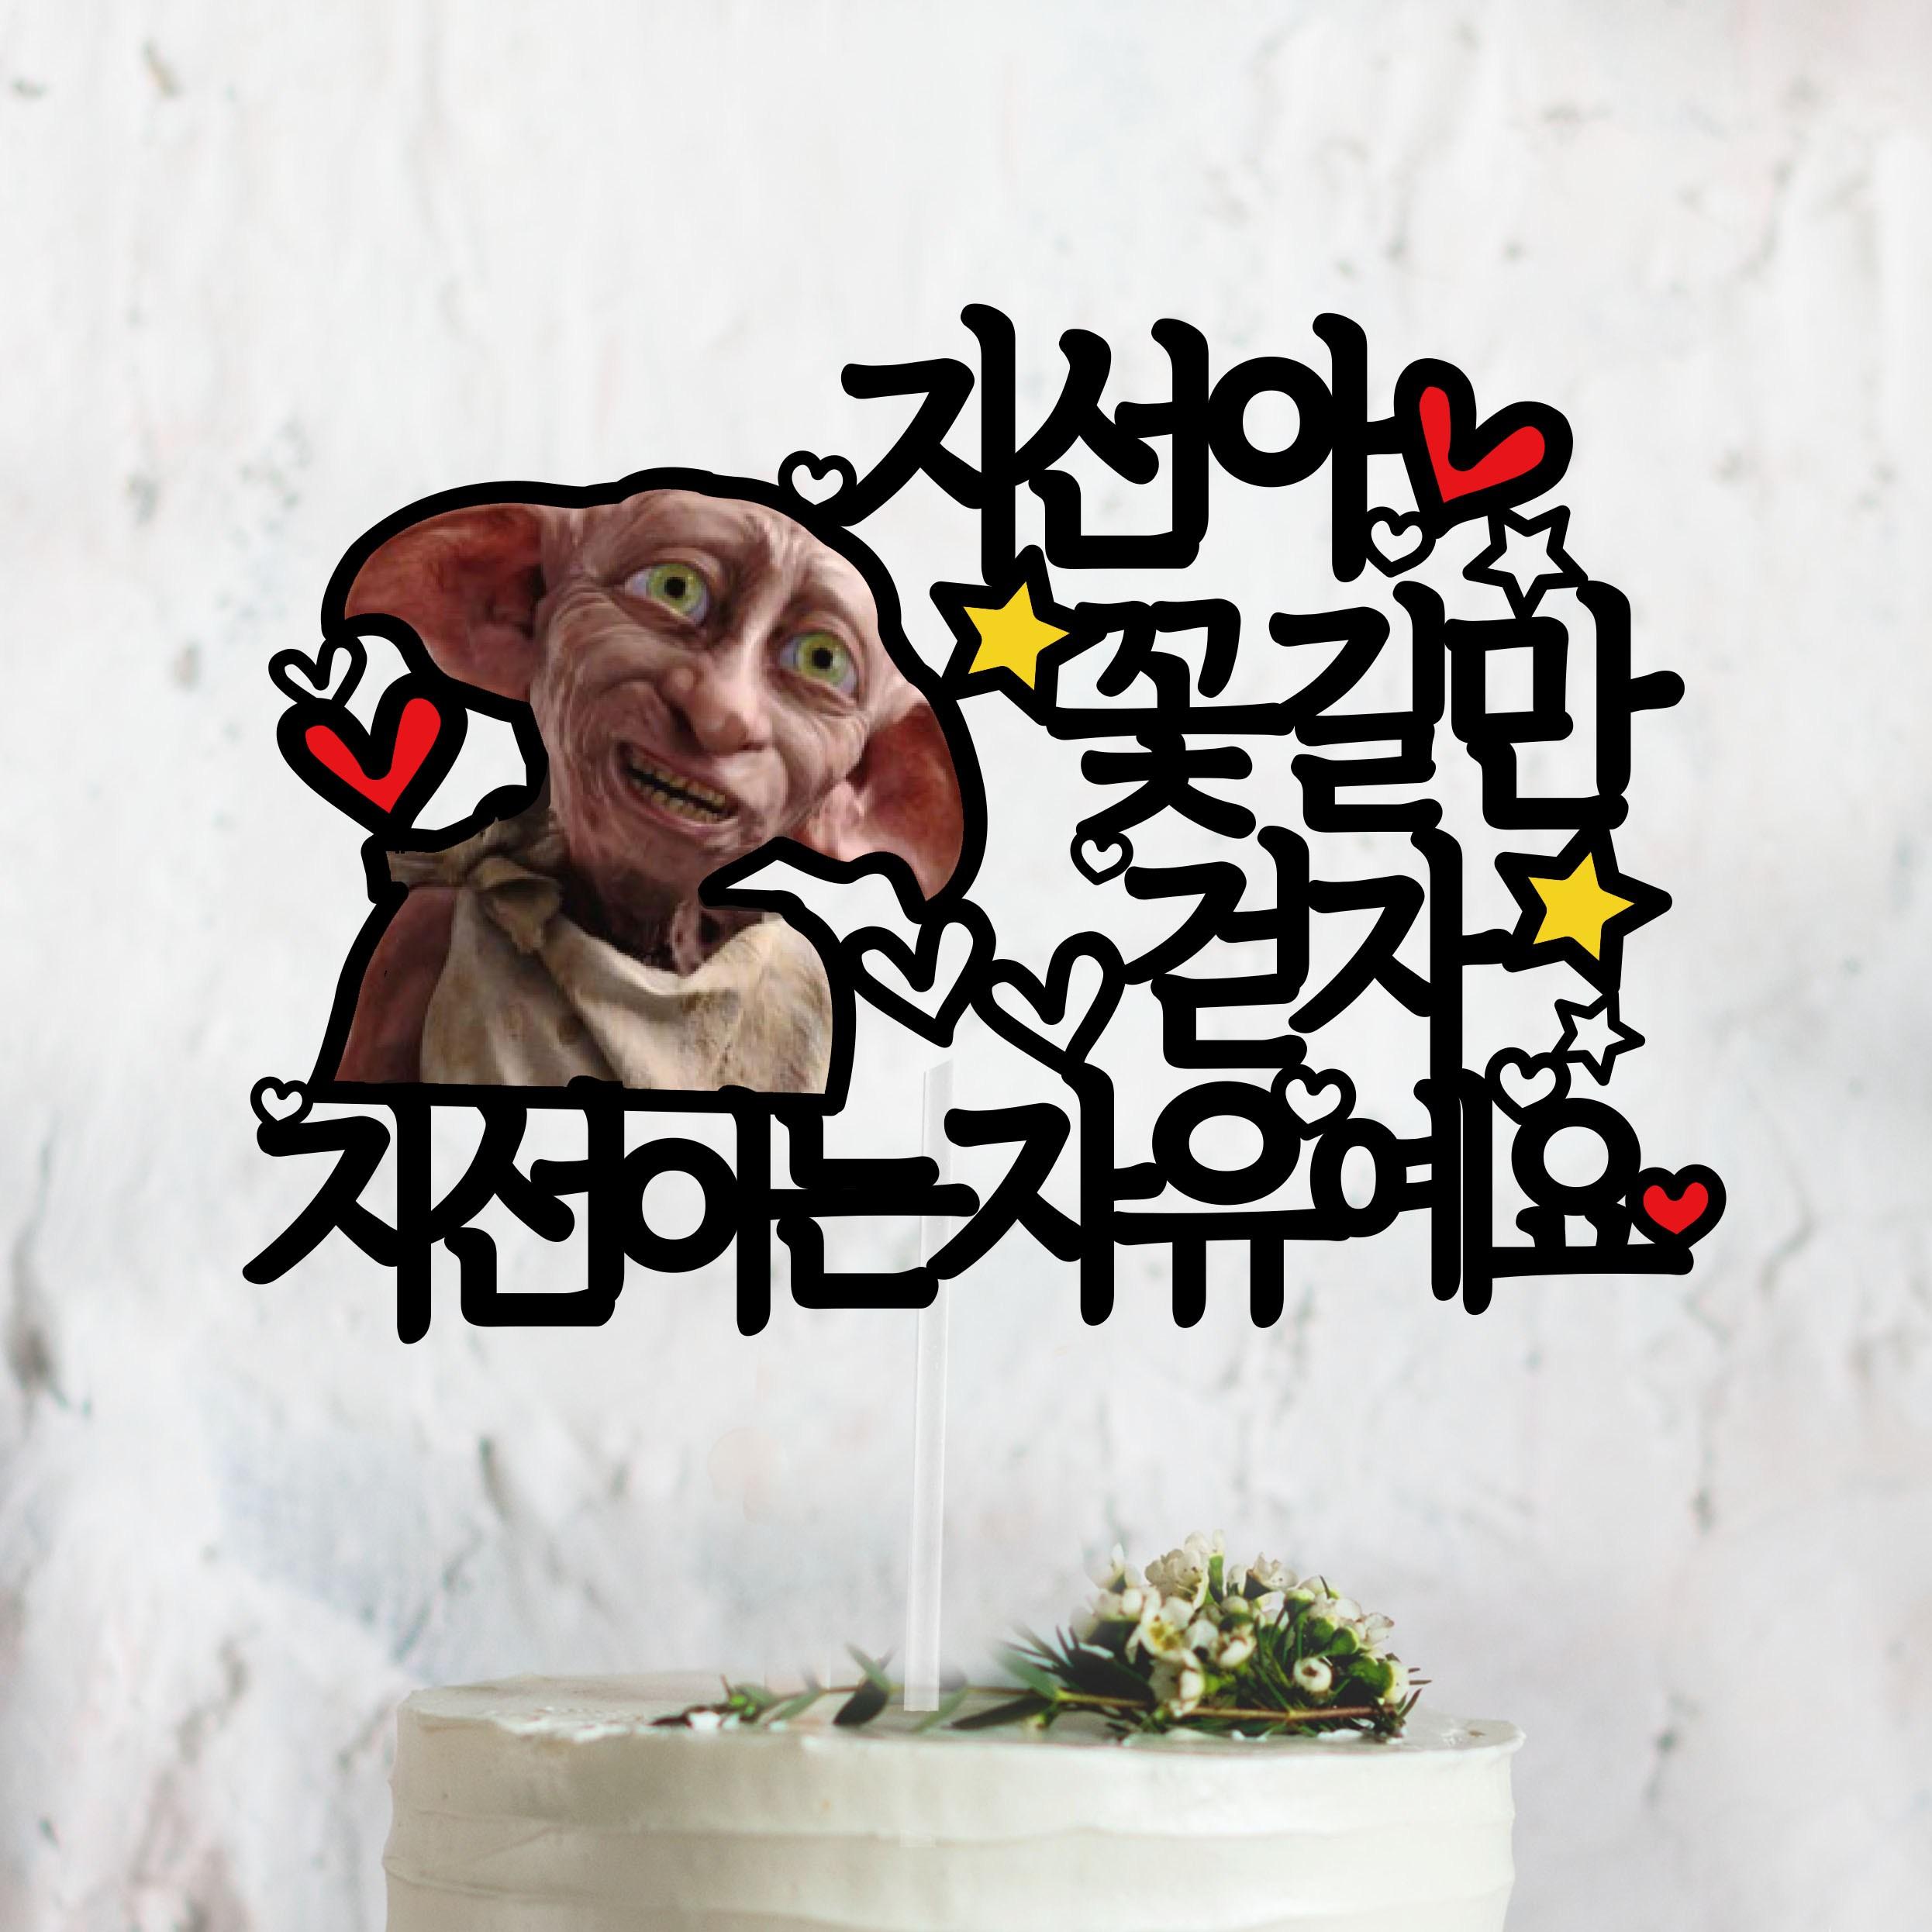 써봄토퍼 도비 퇴사 축하 케이트토퍼 케이크토퍼, 꽃길만걷자